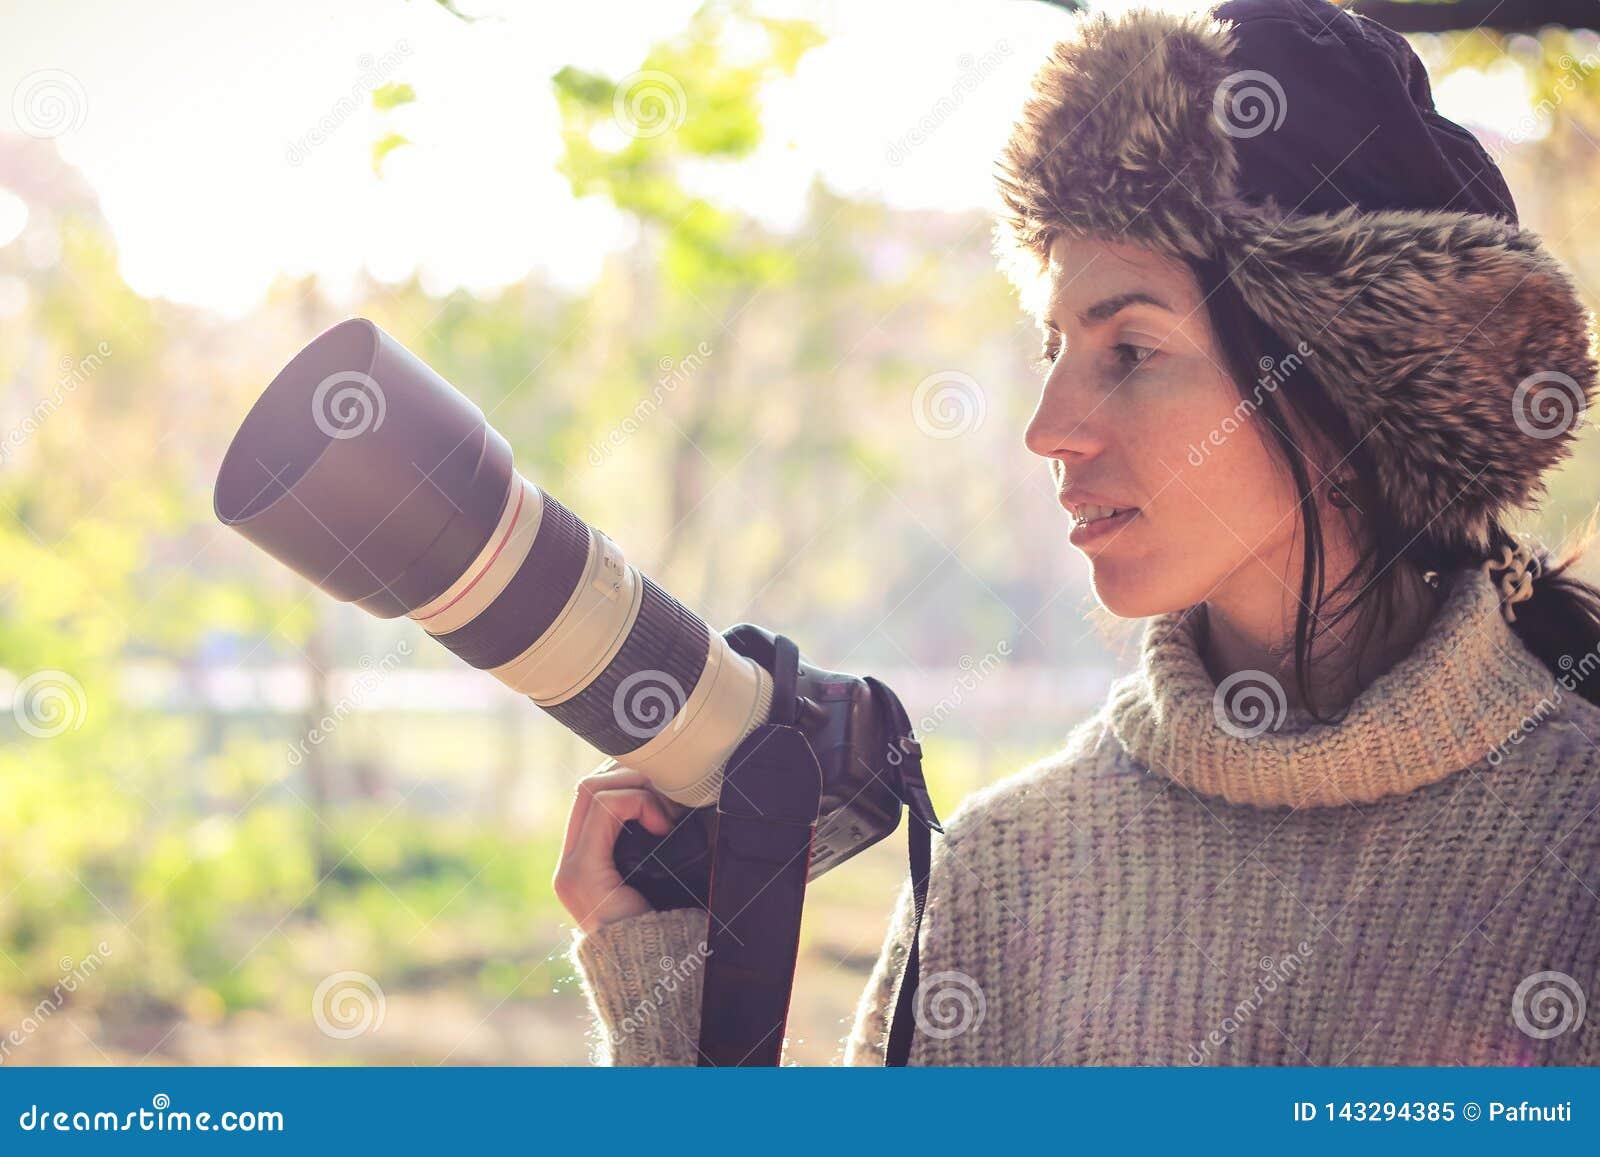 Современная камера с большим объективом в руке молодой девушки фотографа и готовый для того чтобы принять фото